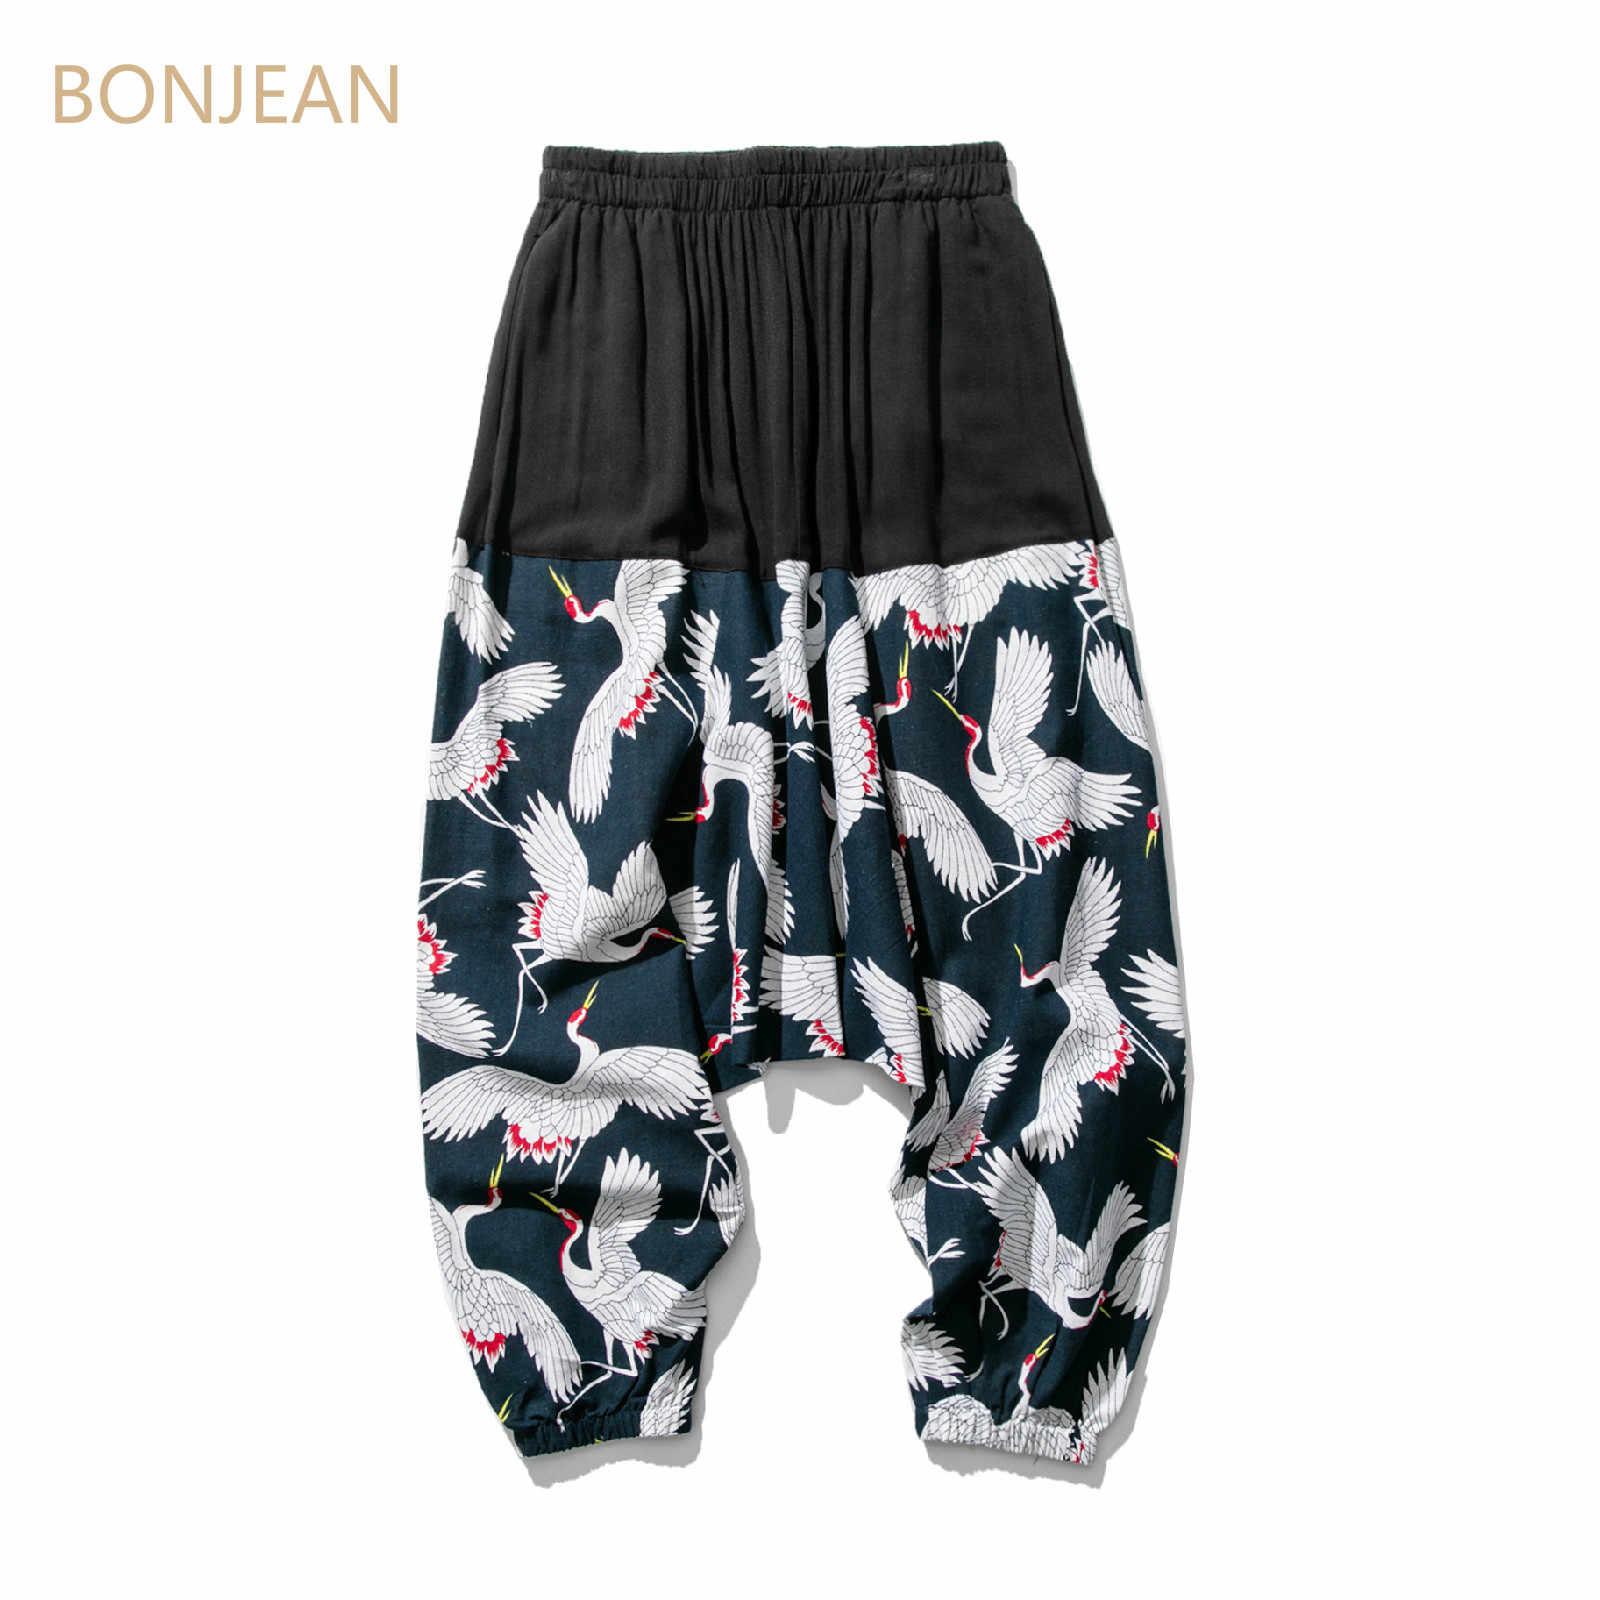 Bonjean Crane мужские широкие шаровары с низкой слонкой брюки свободные большие укороченные брюки широкие шаровары в китайском стиле мешковатые 5XL